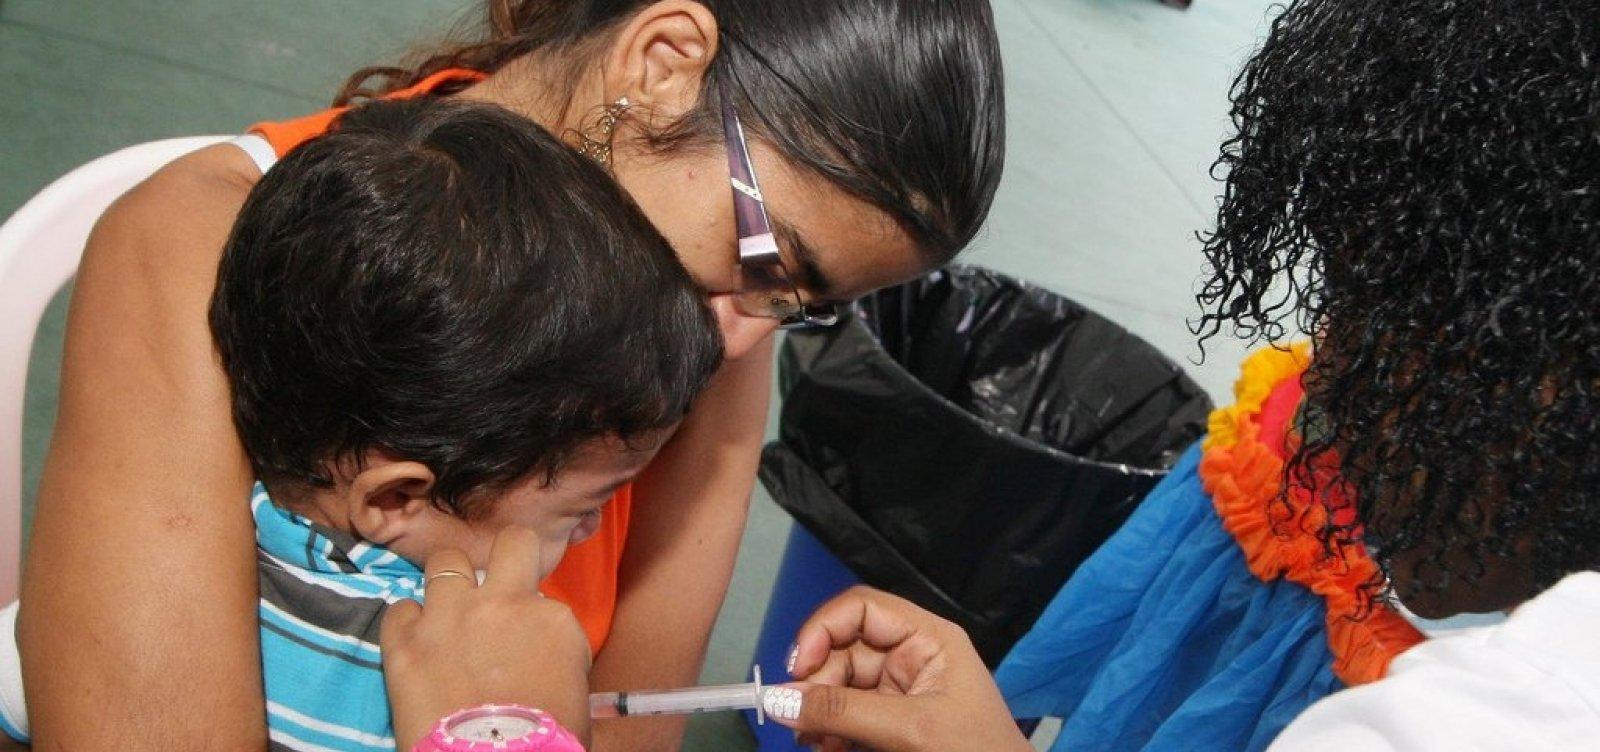 [Governo estuda tornar obrigatória vacinação de crianças]